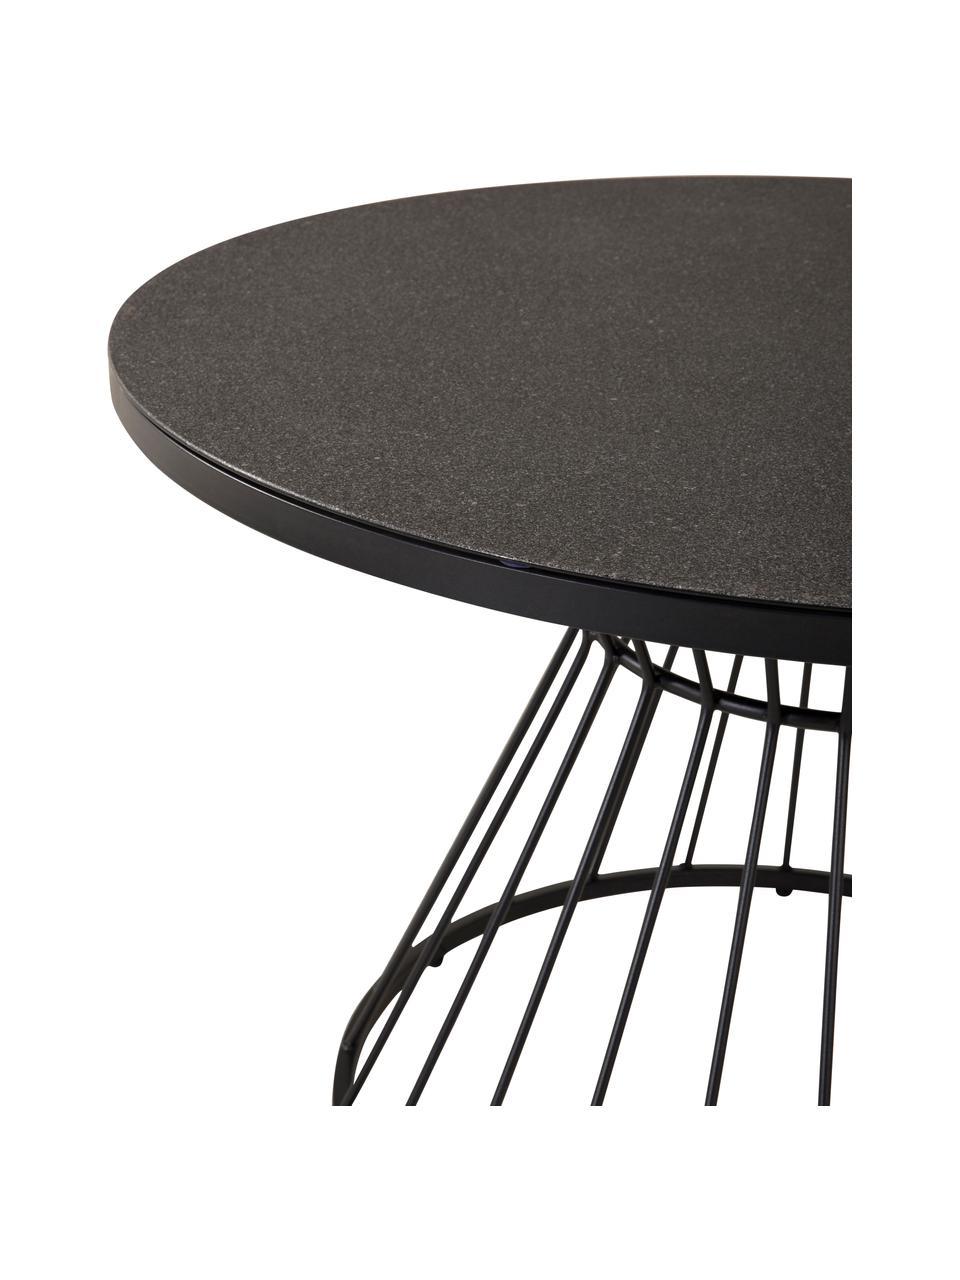 Runder Esstisch Tropea mit Metallgestell, Tischplatte: Glas, Gestell: Metall, pulverbeschichtet, Schwarz, Ø 110 cm